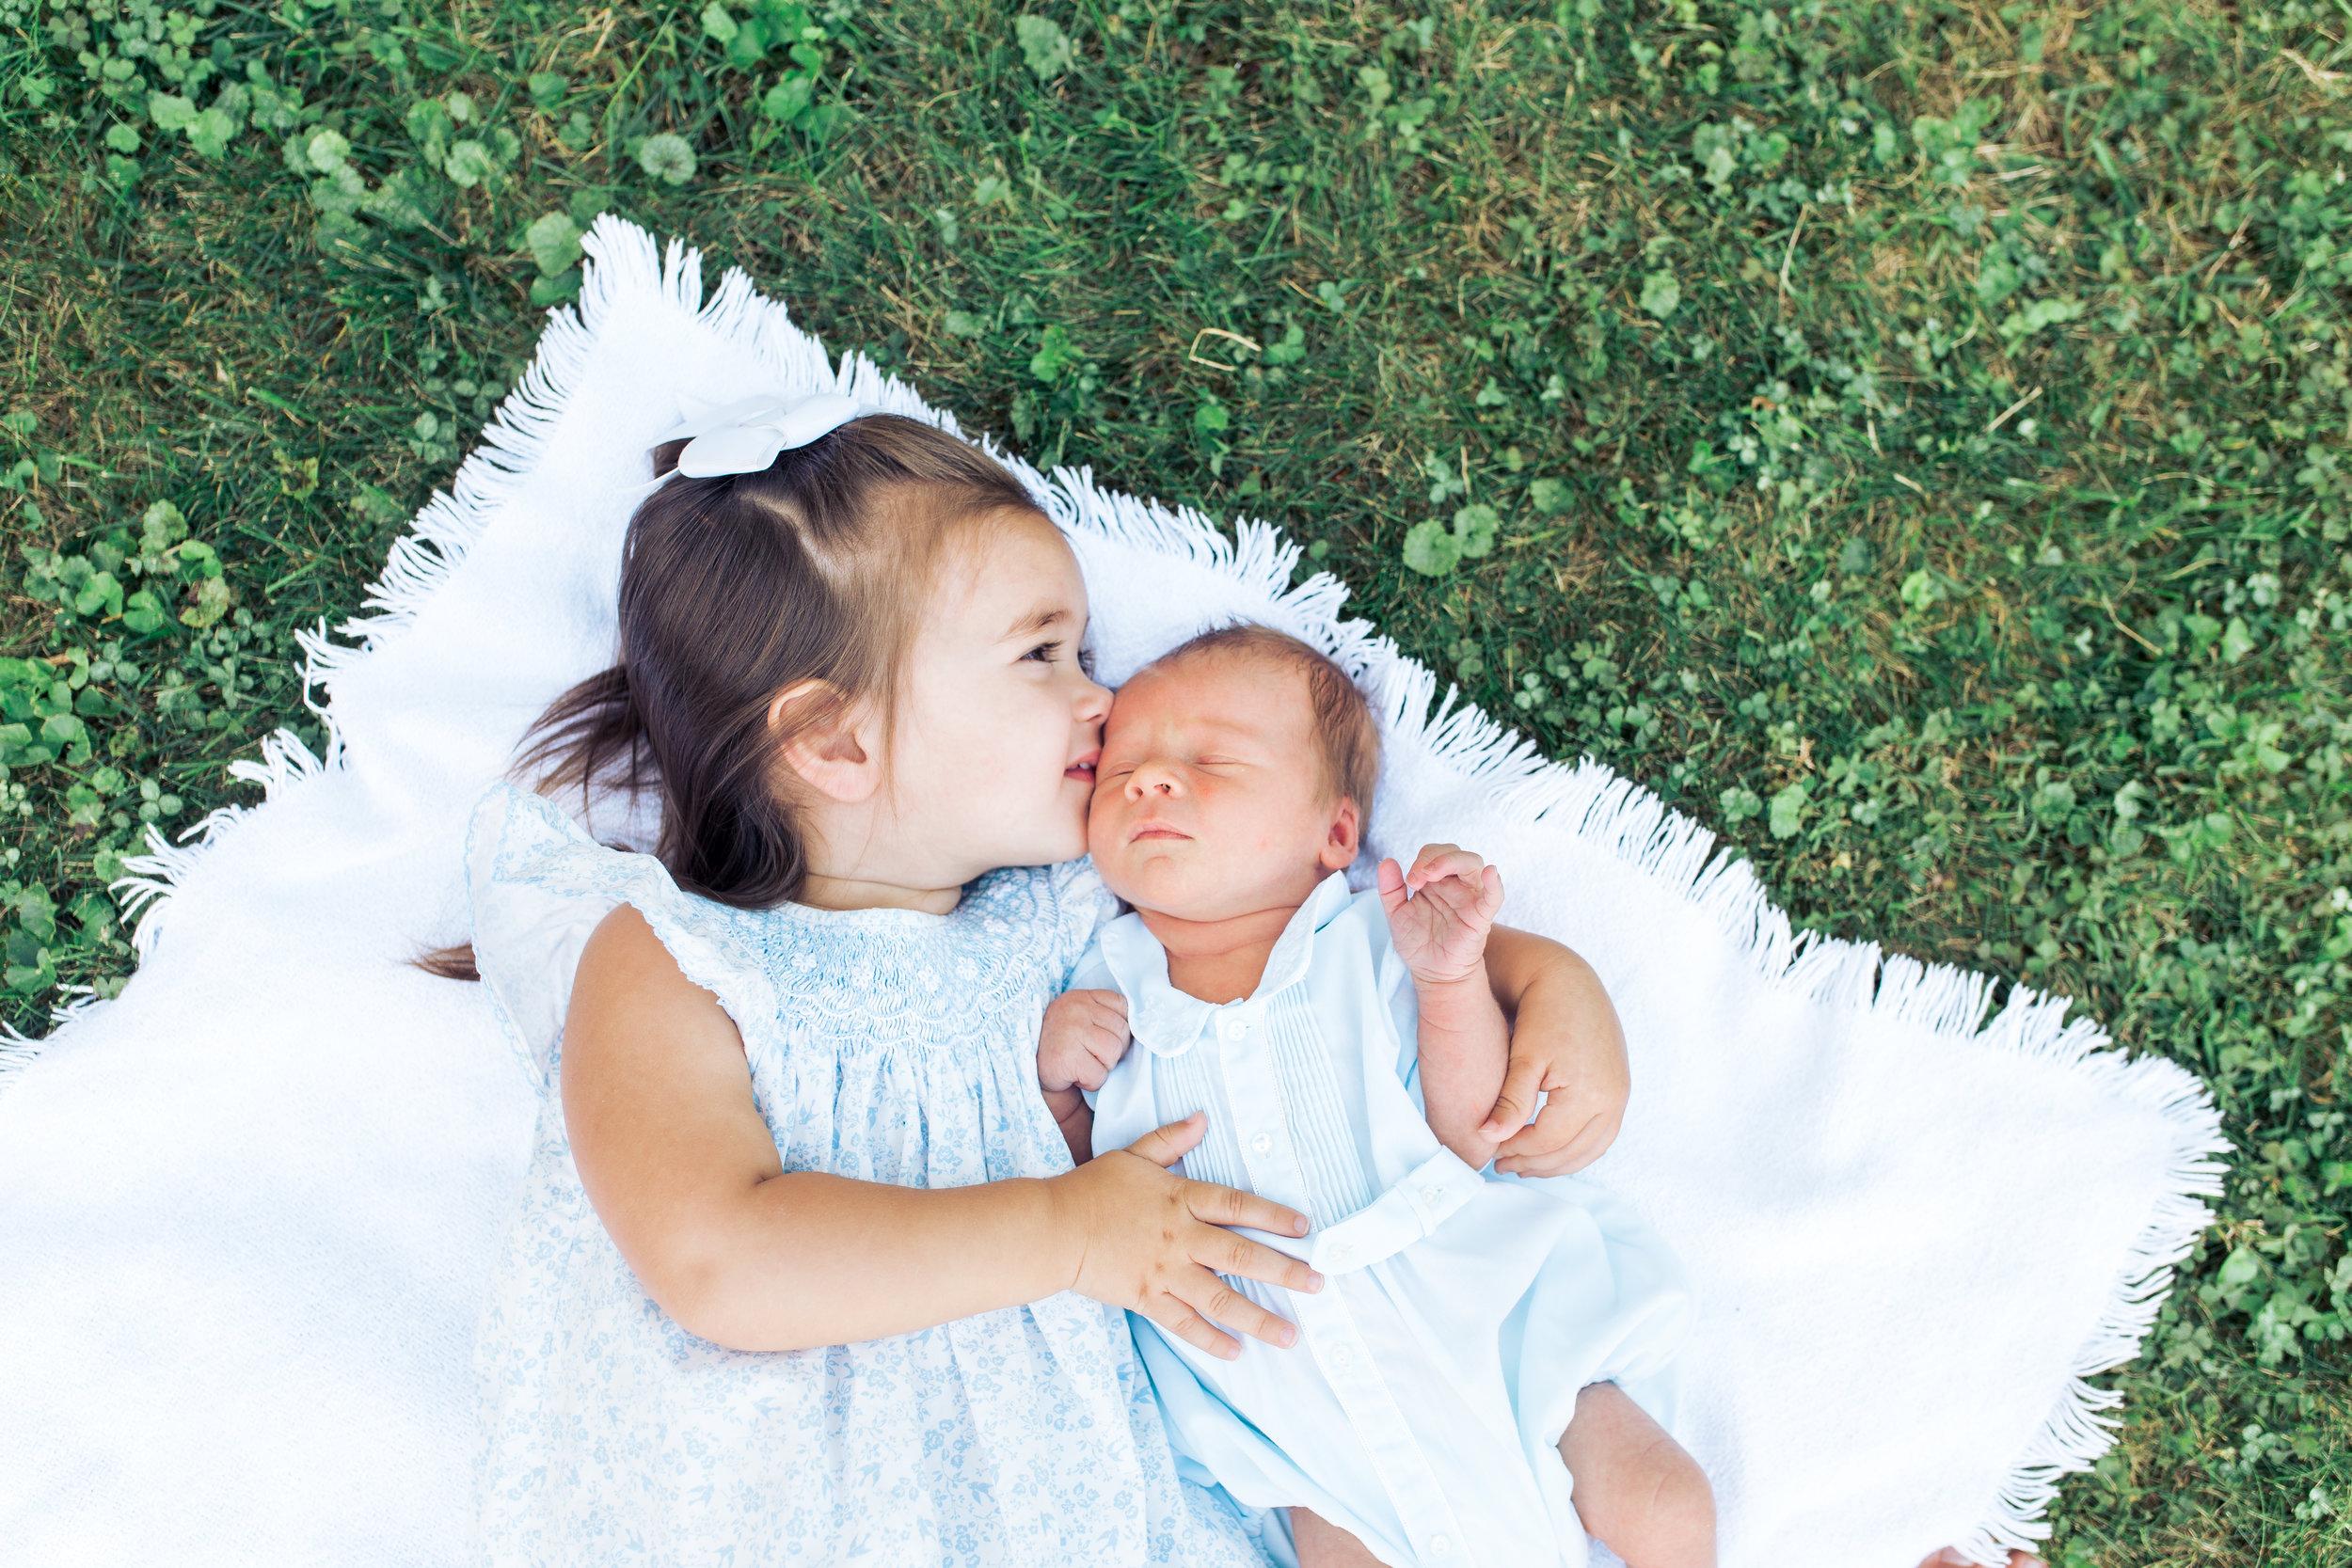 SMP_Thacker Newborn_Aug 2017-4.jpg